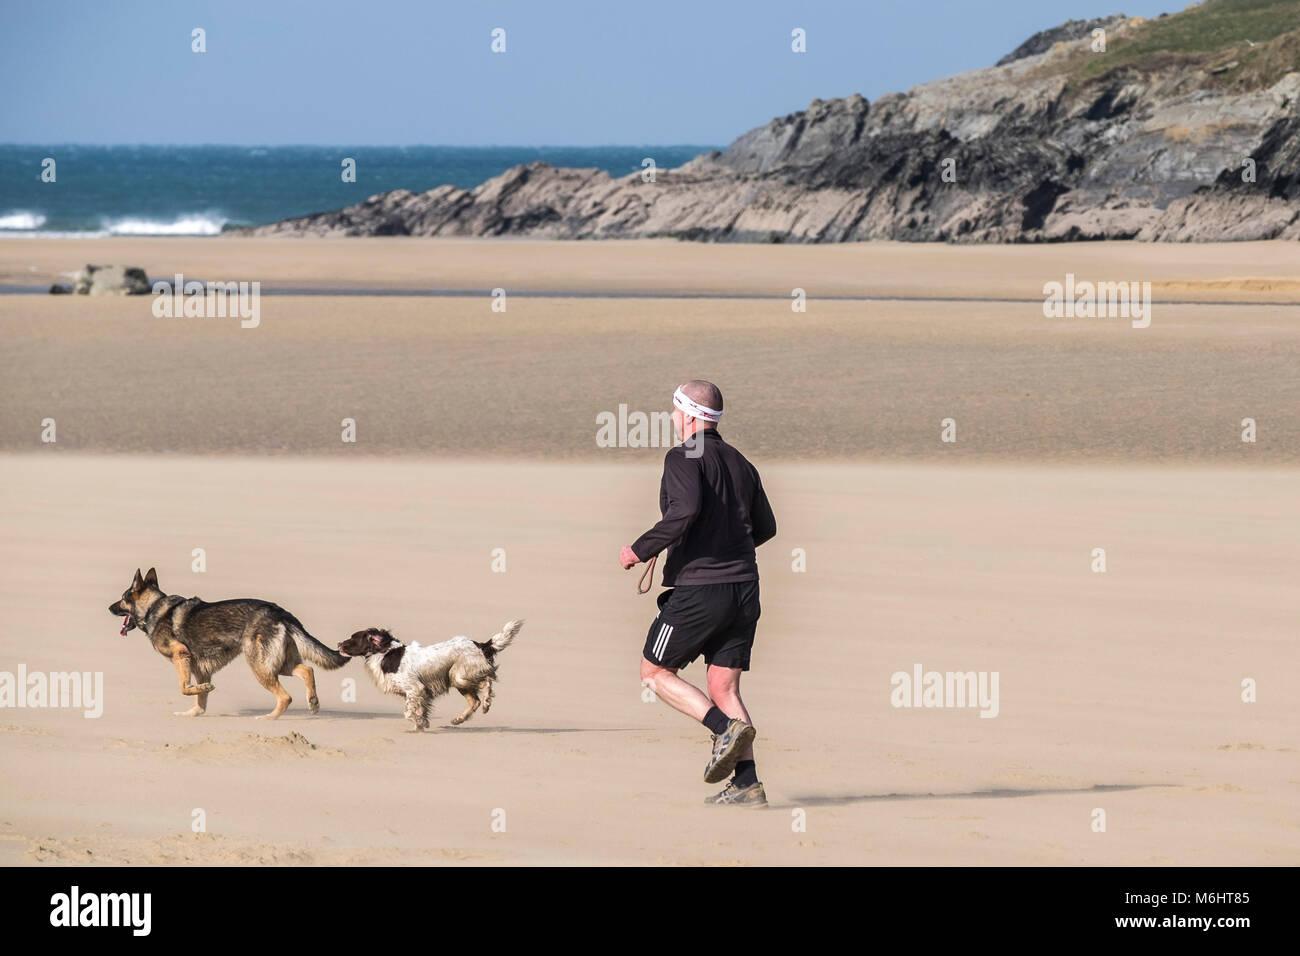 Un homme court avec ses chiens sur la plage de Crantock en Newquay Cornwall. Banque D'Images